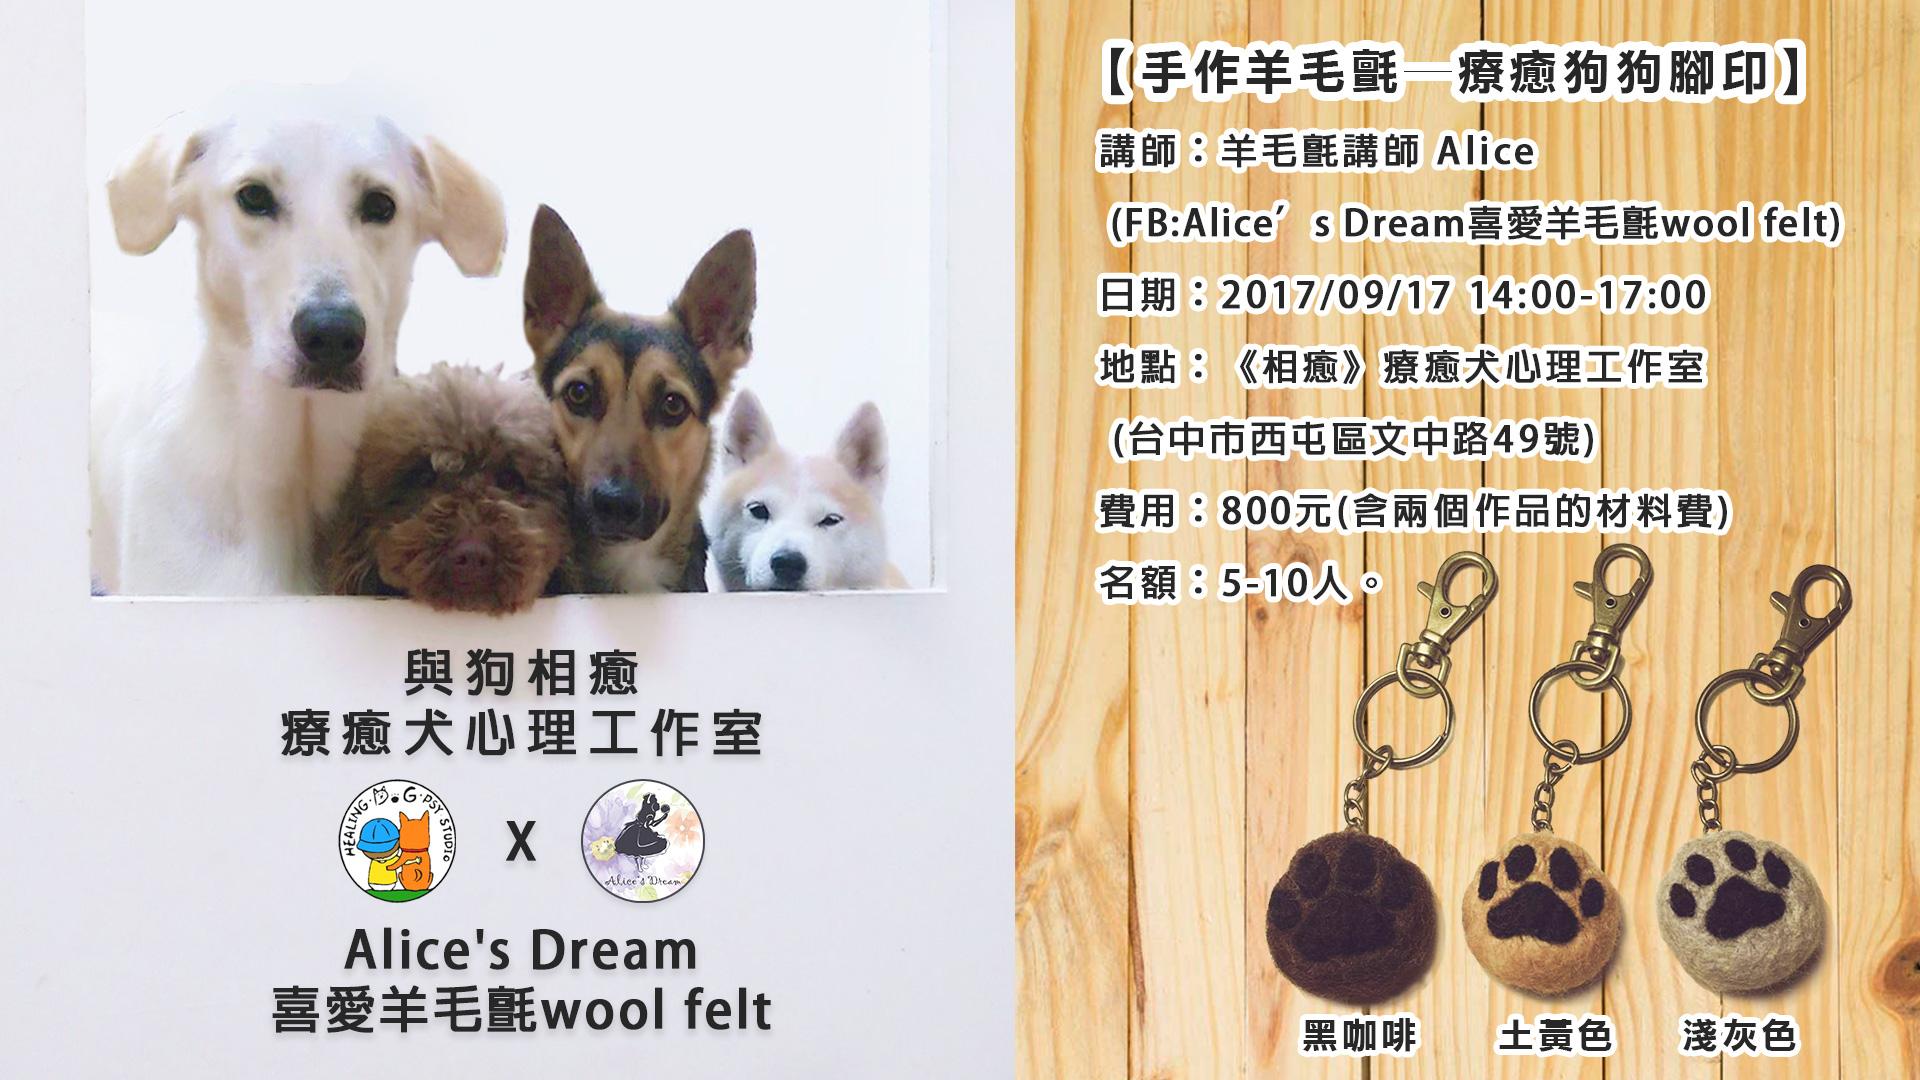 【羊毛氈活動】愛麗絲羊毛氈 X 療癒犬心理工作室-羊毛氈療癒狗狗腳印